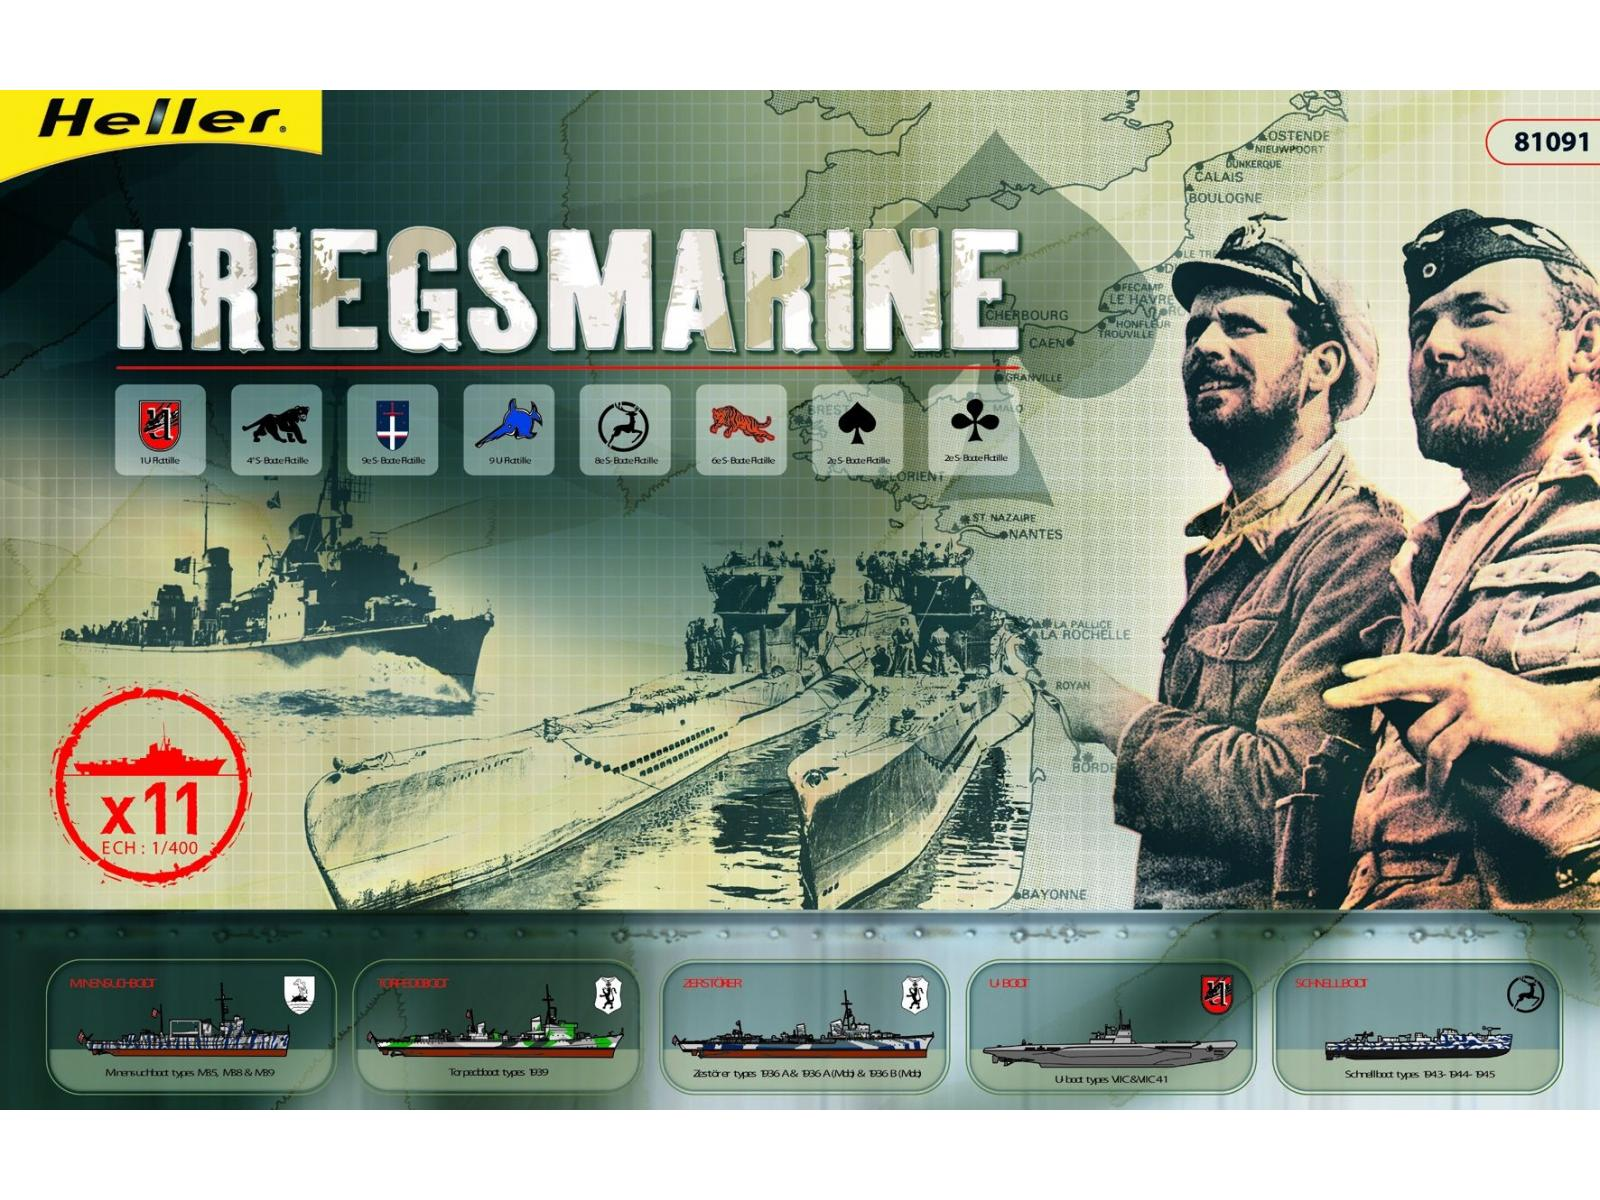 COFFRET KRIEGSMARINE 1/400ème de chez Heller Heller-81091-coffret-kriegsmarine